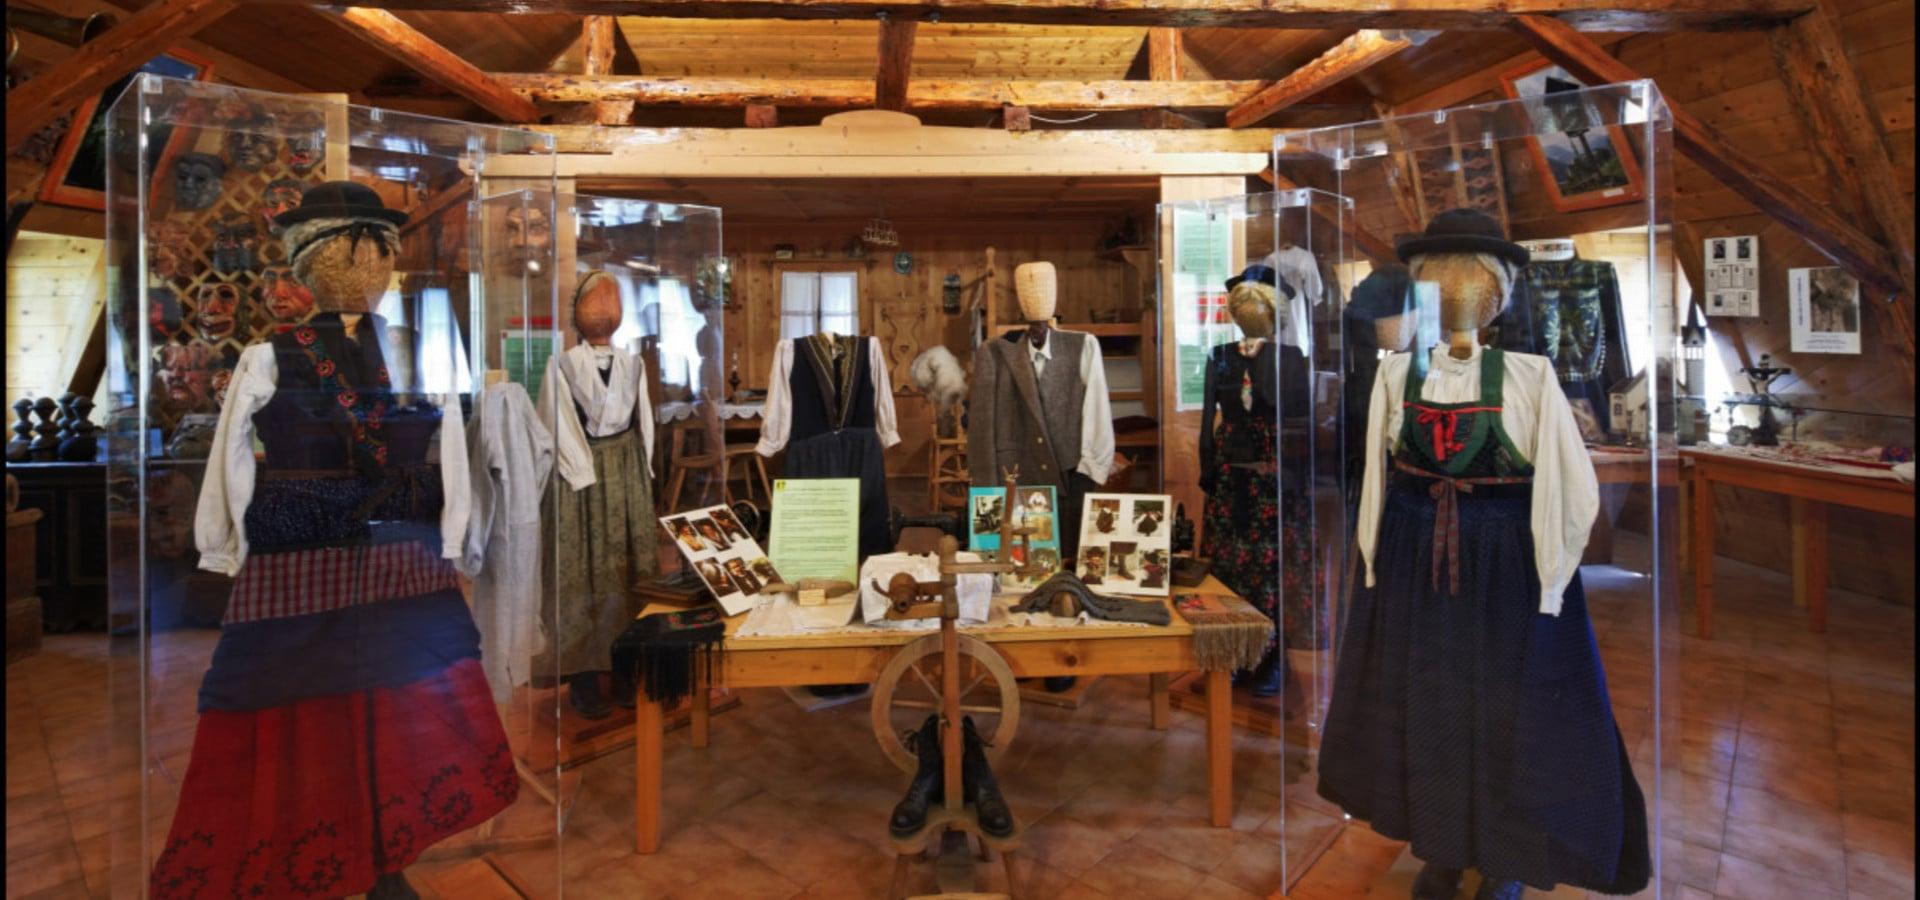 Fodom Ladin Museum